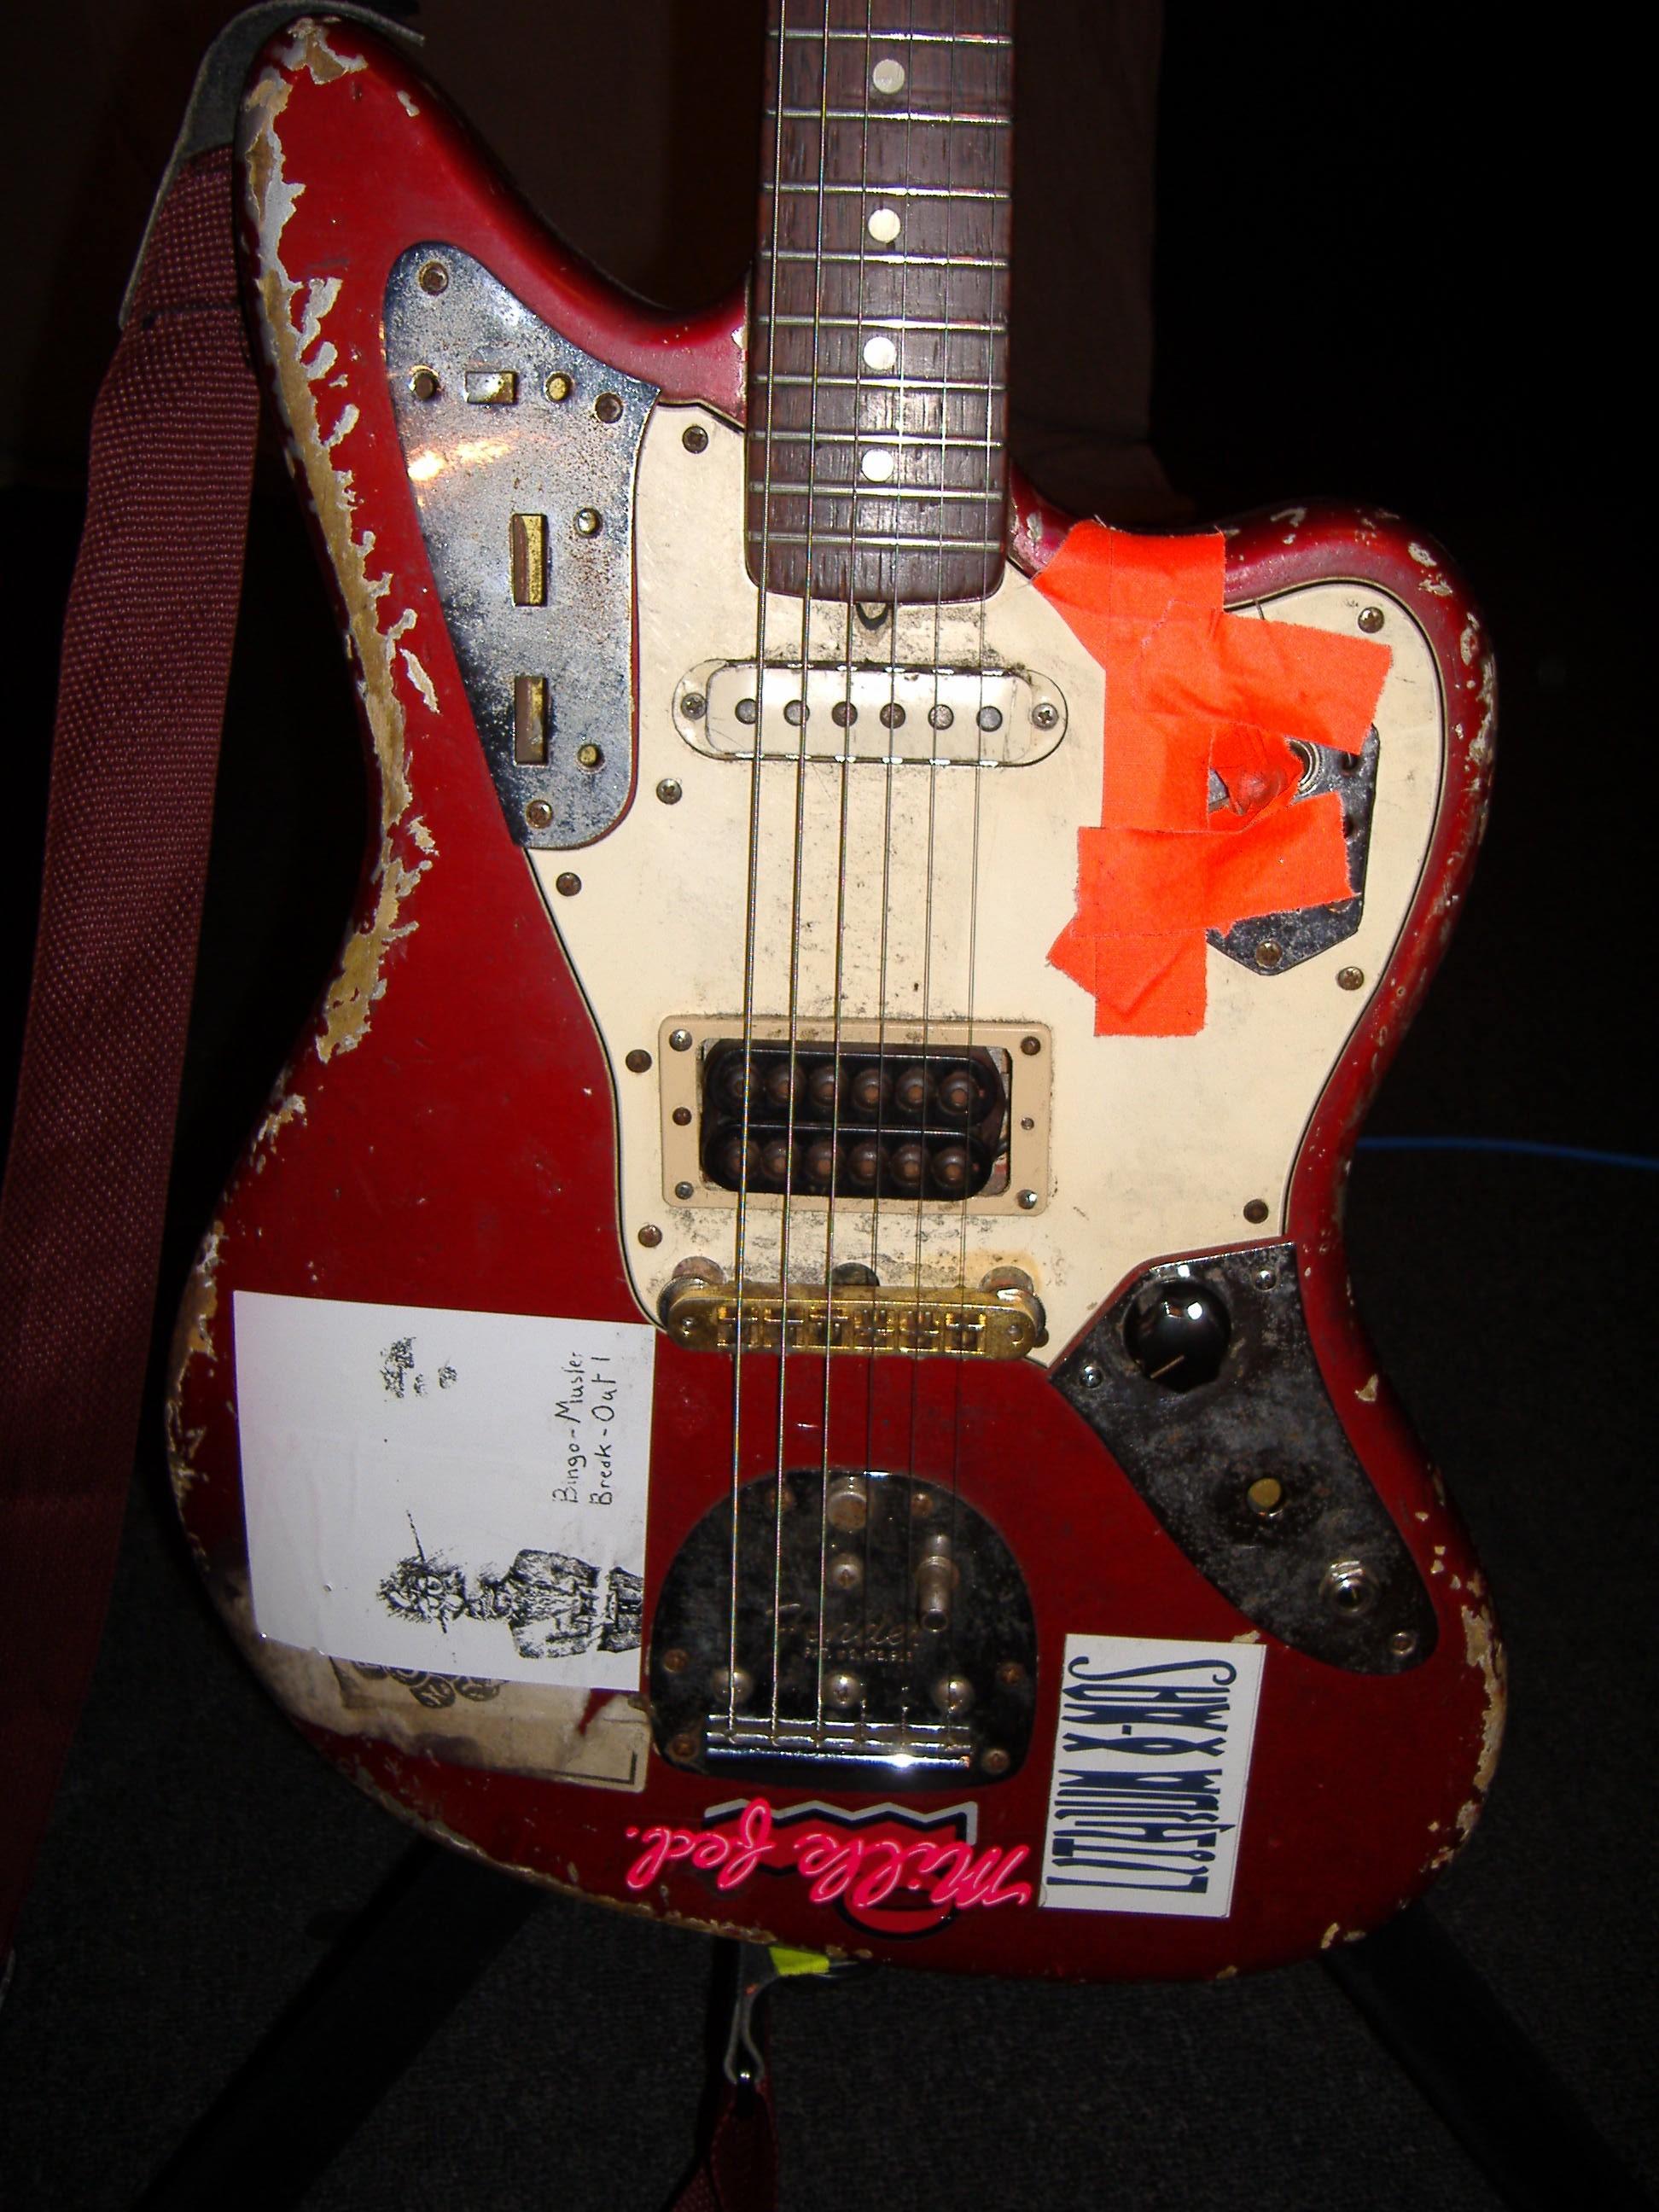 1964 fender stratocaster body dating 5